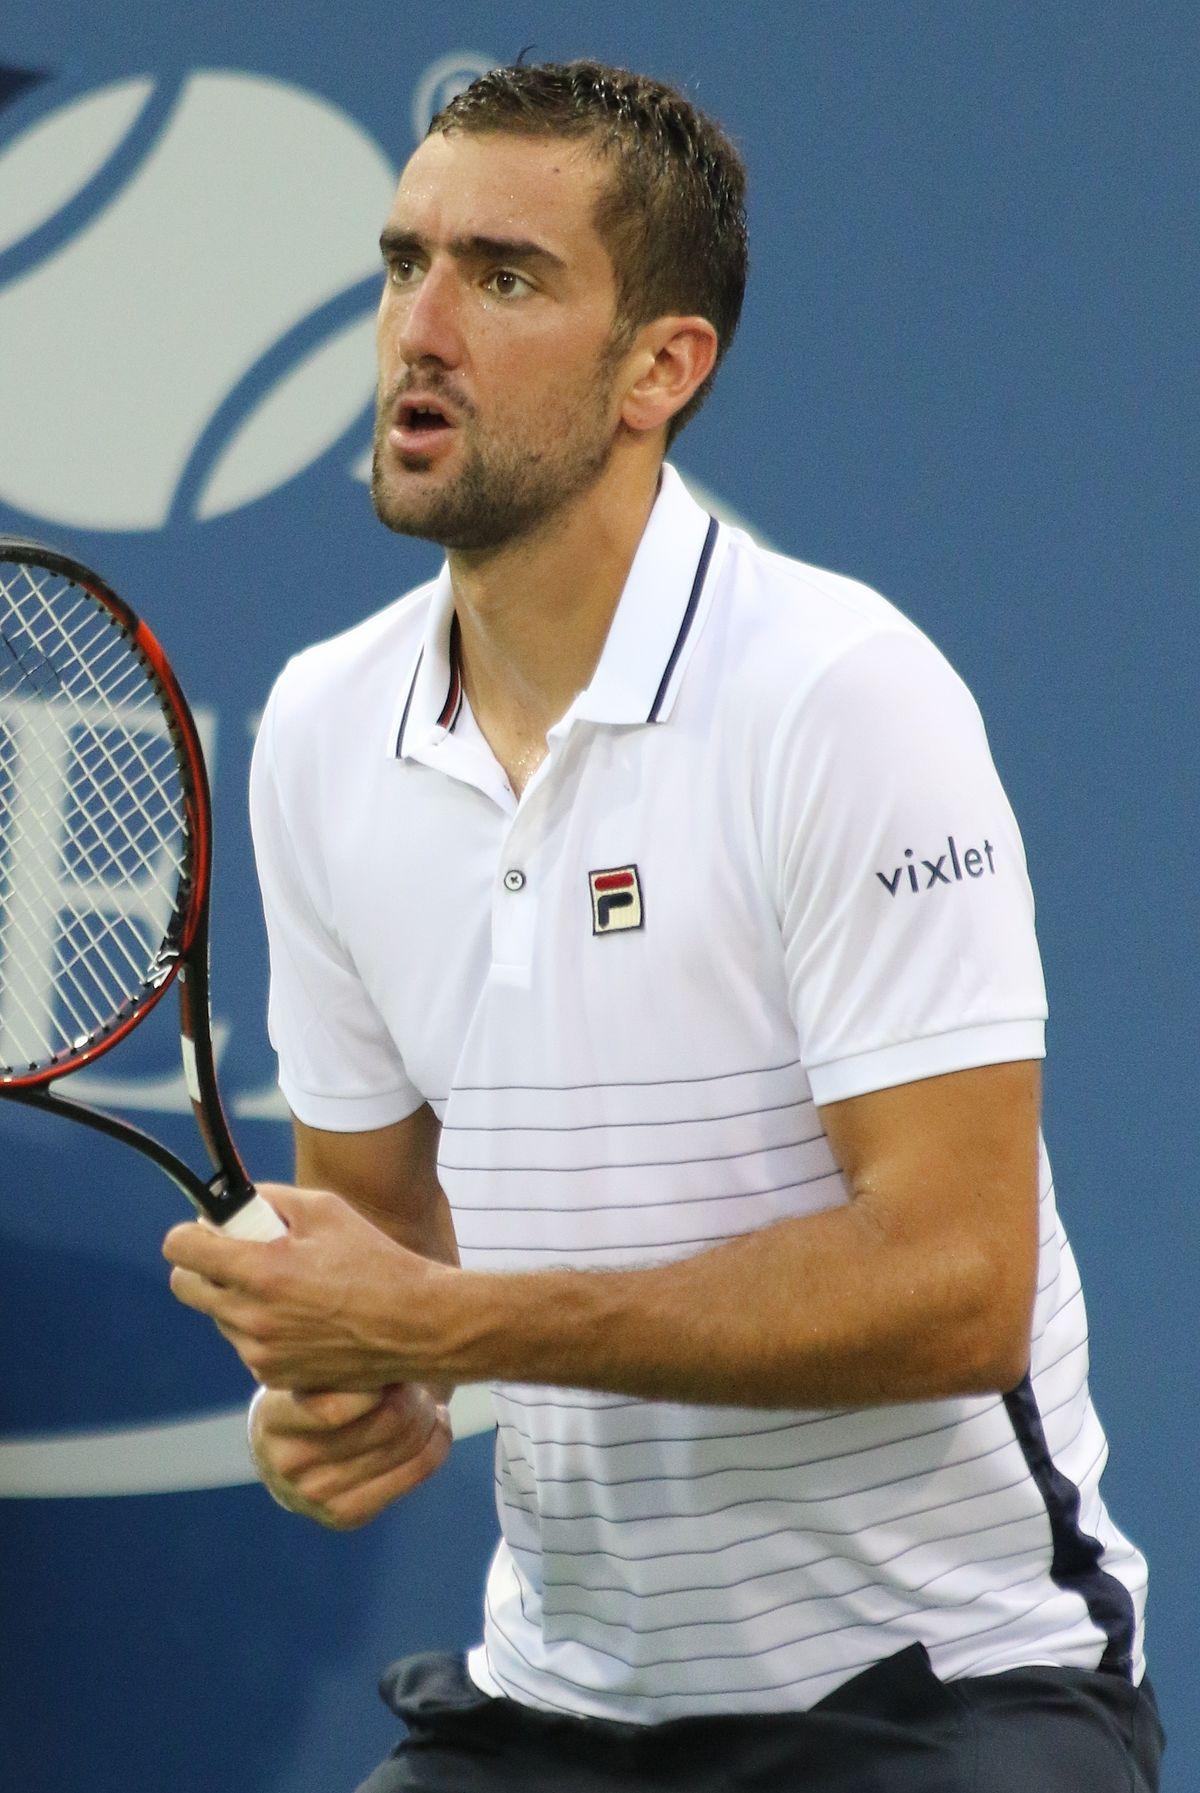 cilic tennis